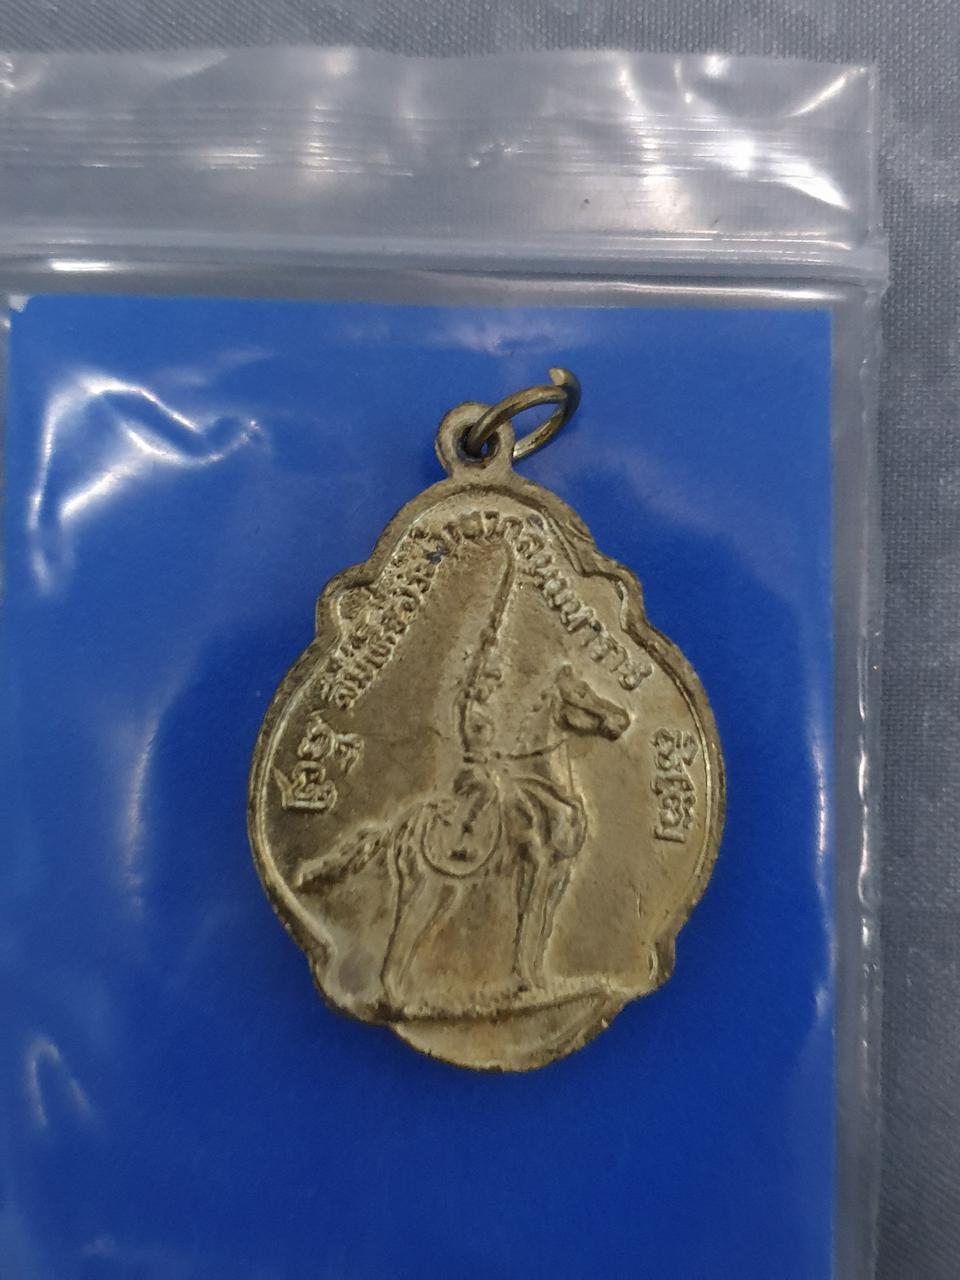 เหรียญสมเด็จพุฒาจารย์ (โต ) หลัง พระเจ้าตากสิน รูปที่ 2